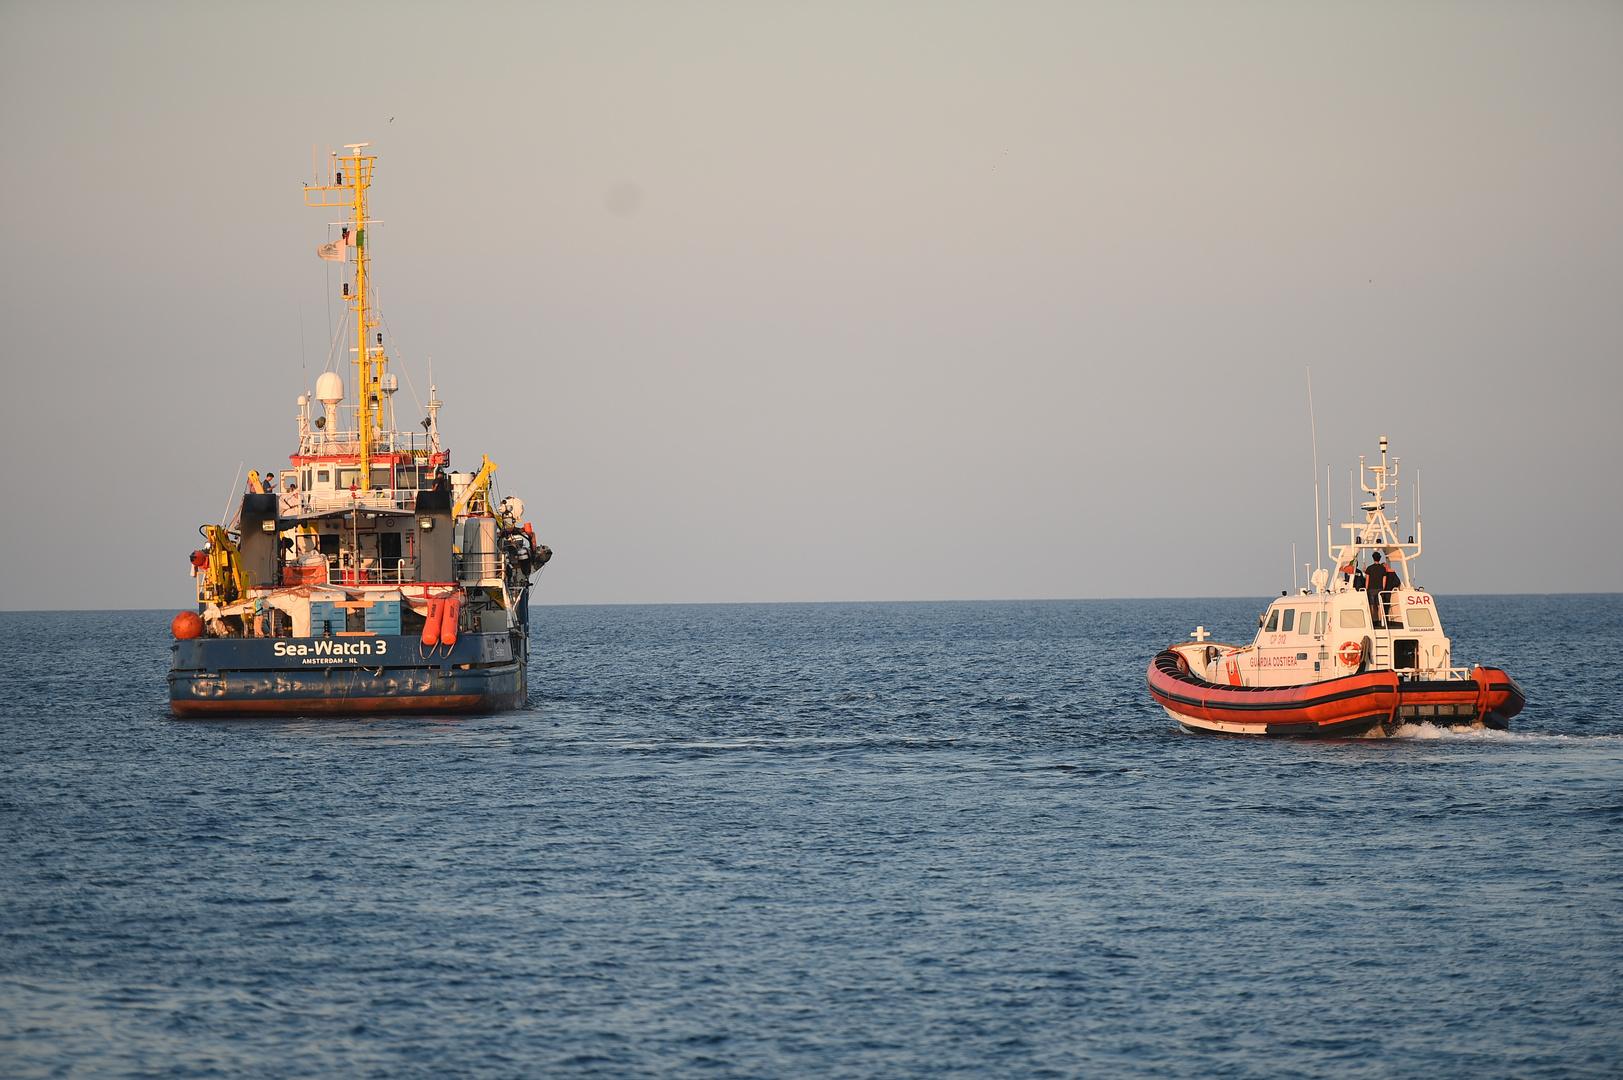 إيطاليا.. وصول 67 تونسيا إلى جزيرة لامبيدوزا